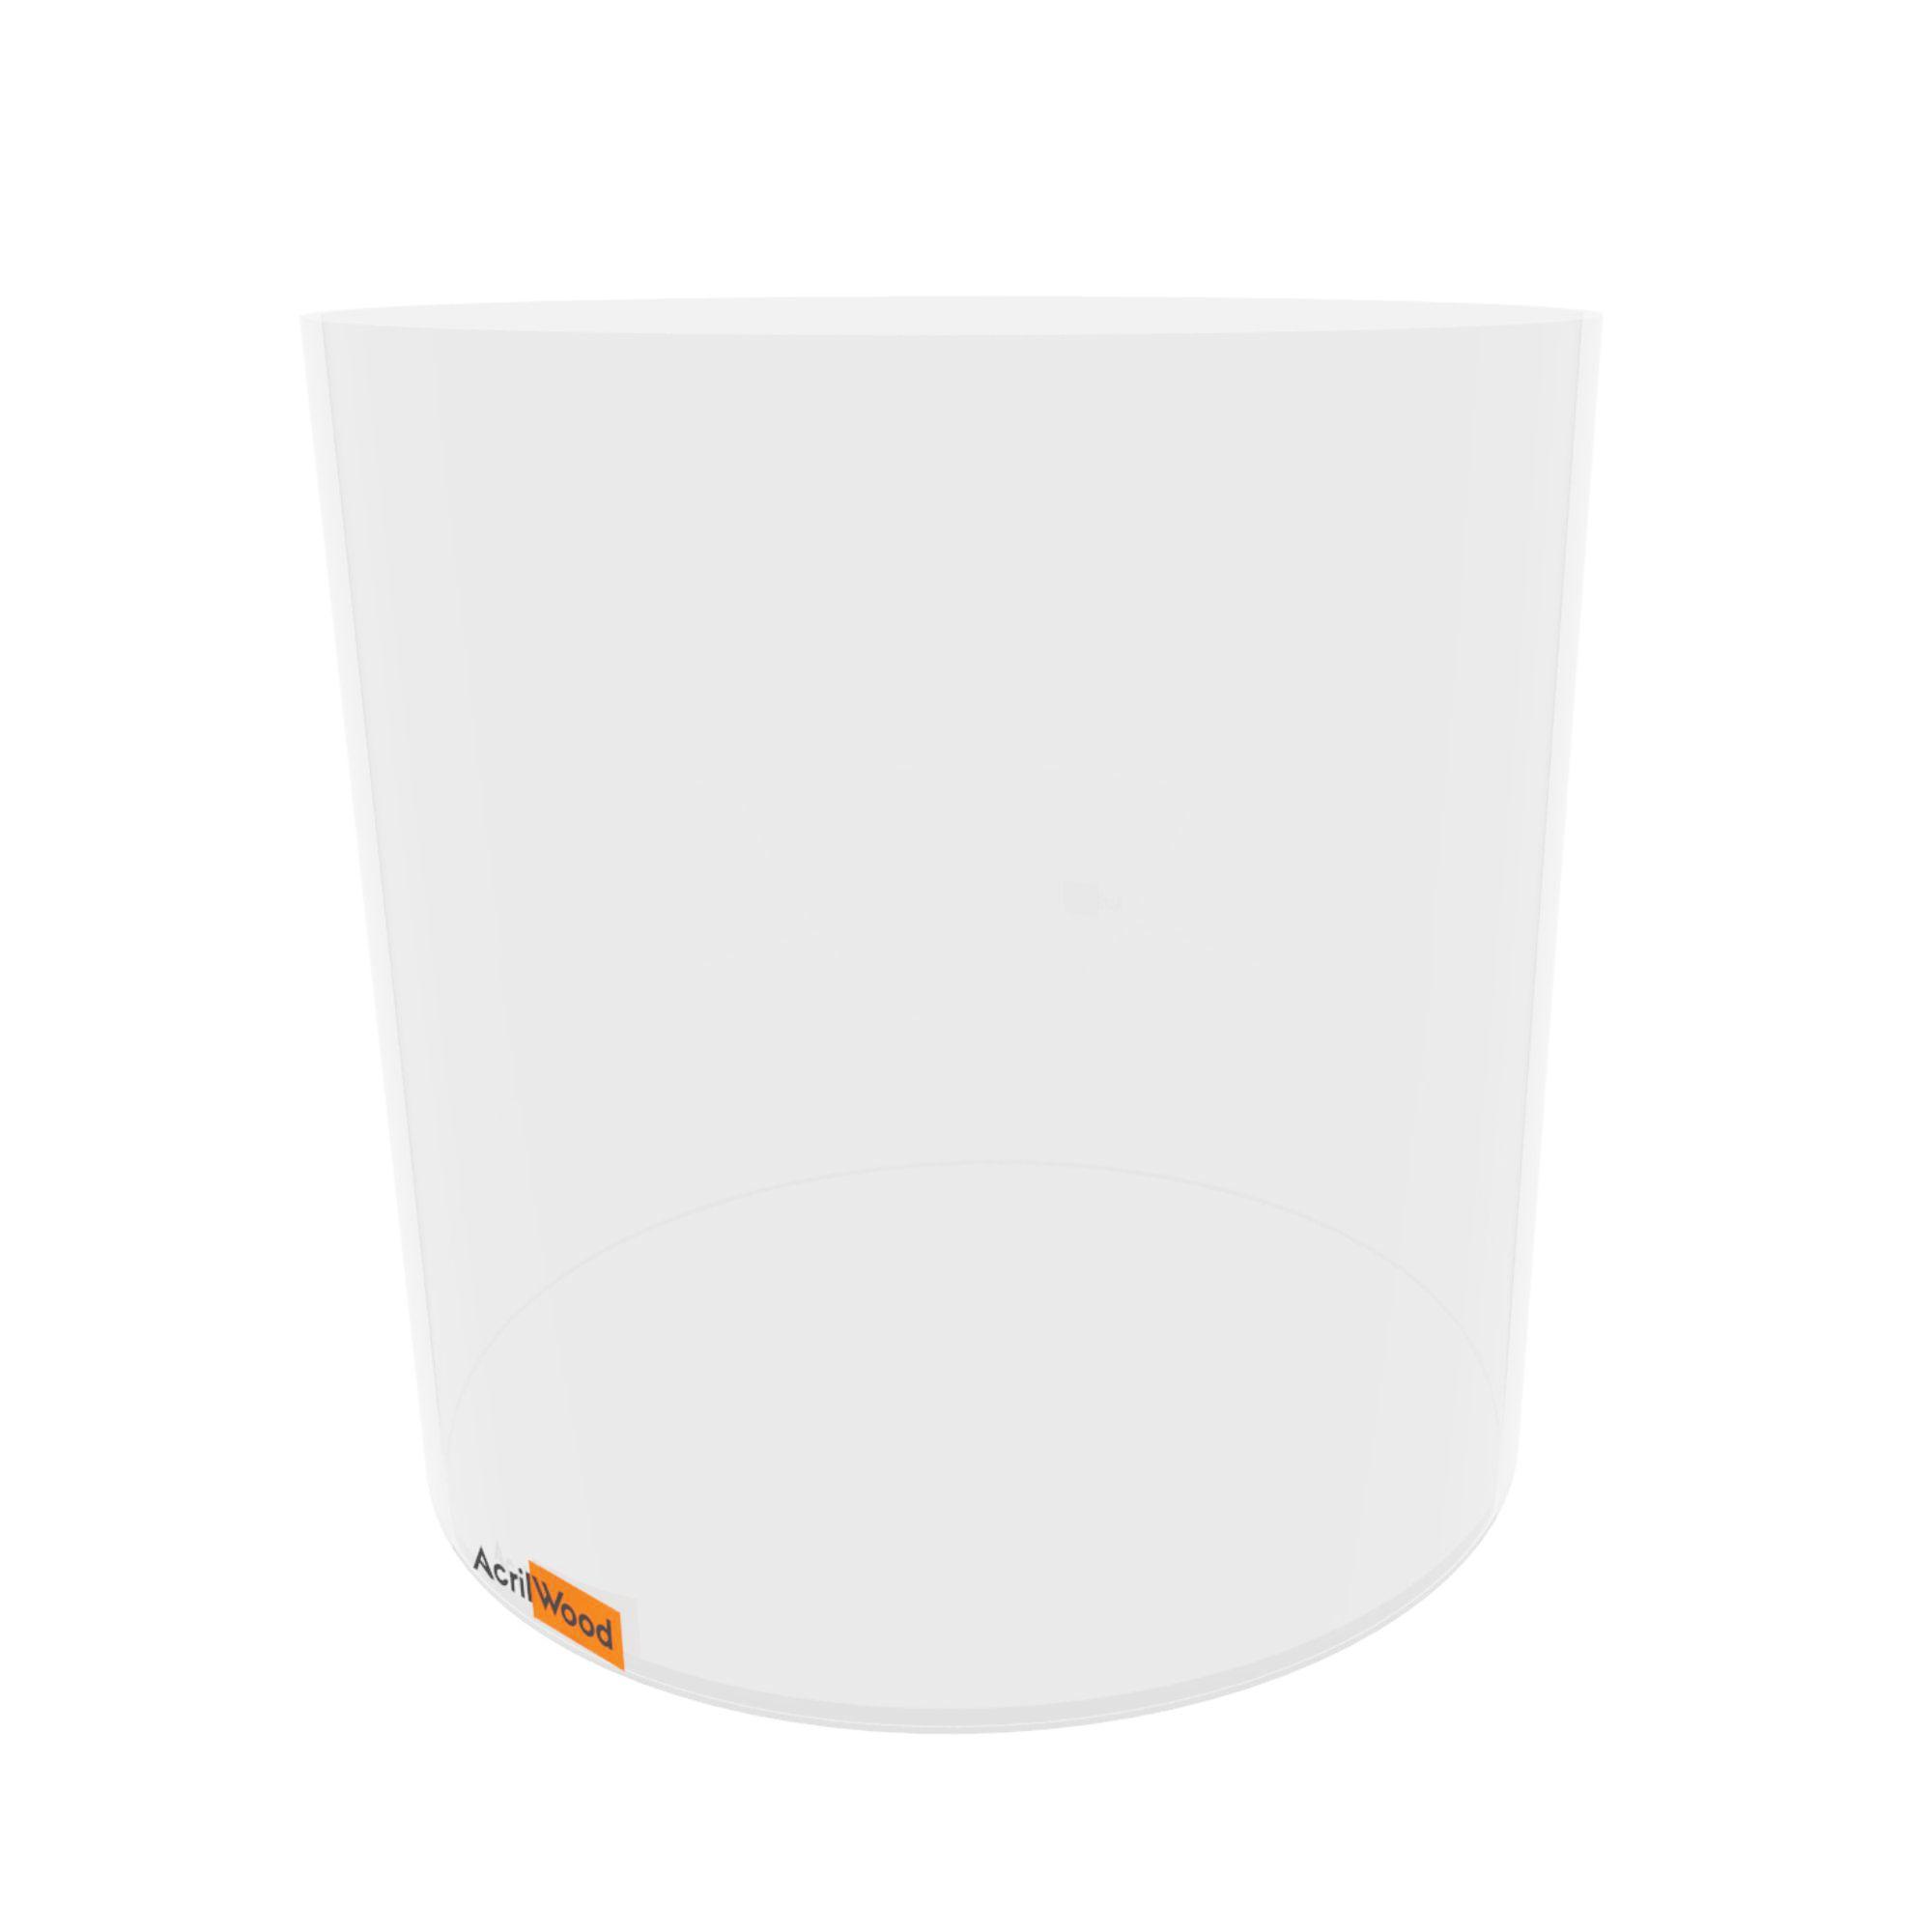 Caixa Redonda Em Acrílico Cristal - 30x30cm